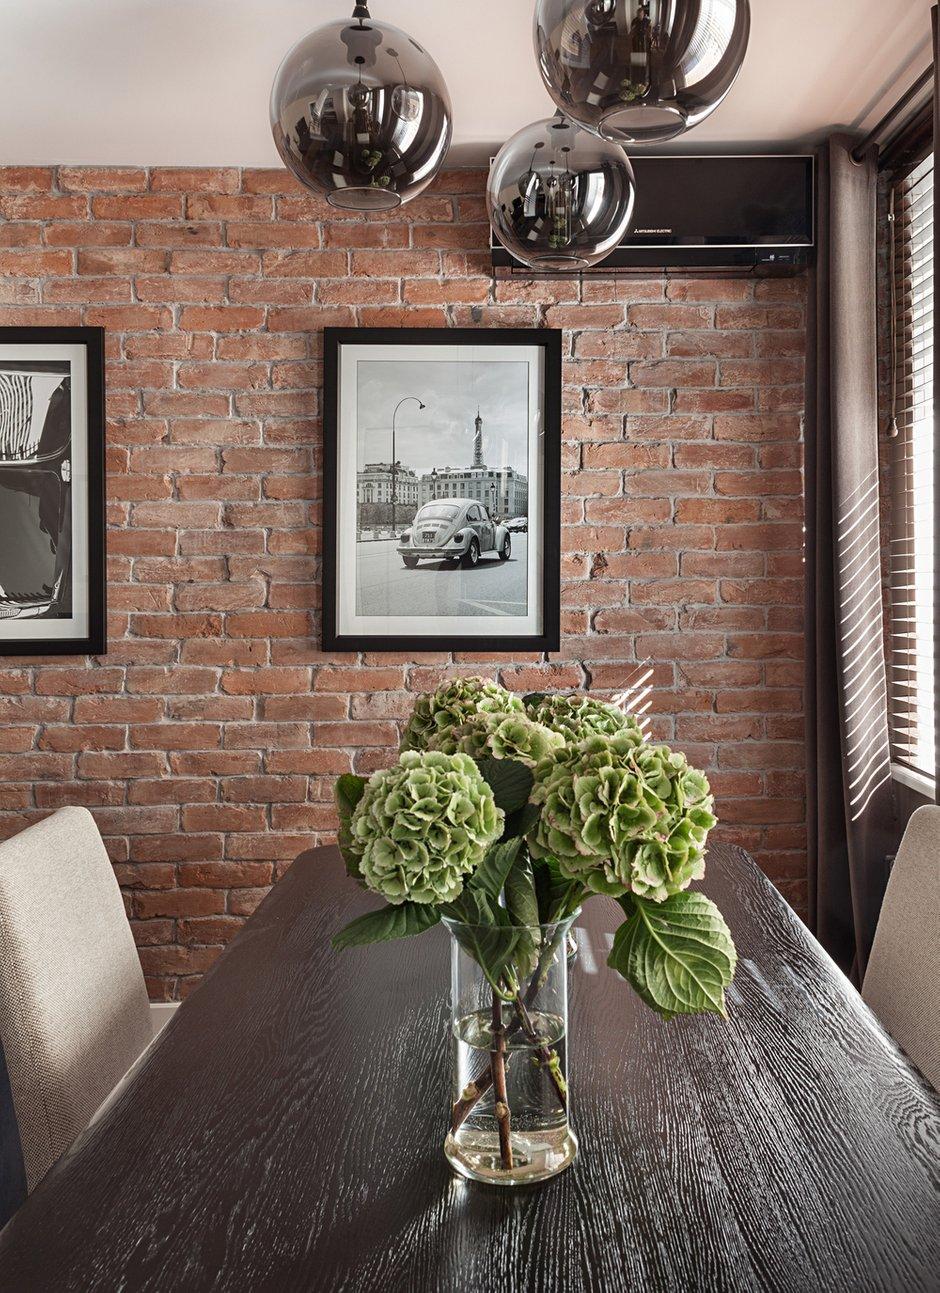 Фотография: Кухня и столовая в стиле Лофт, Современный, Эклектика, Классический, Квартира, Дома и квартиры, IKEA, Проект недели, Дина Салахова – фото на INMYROOM